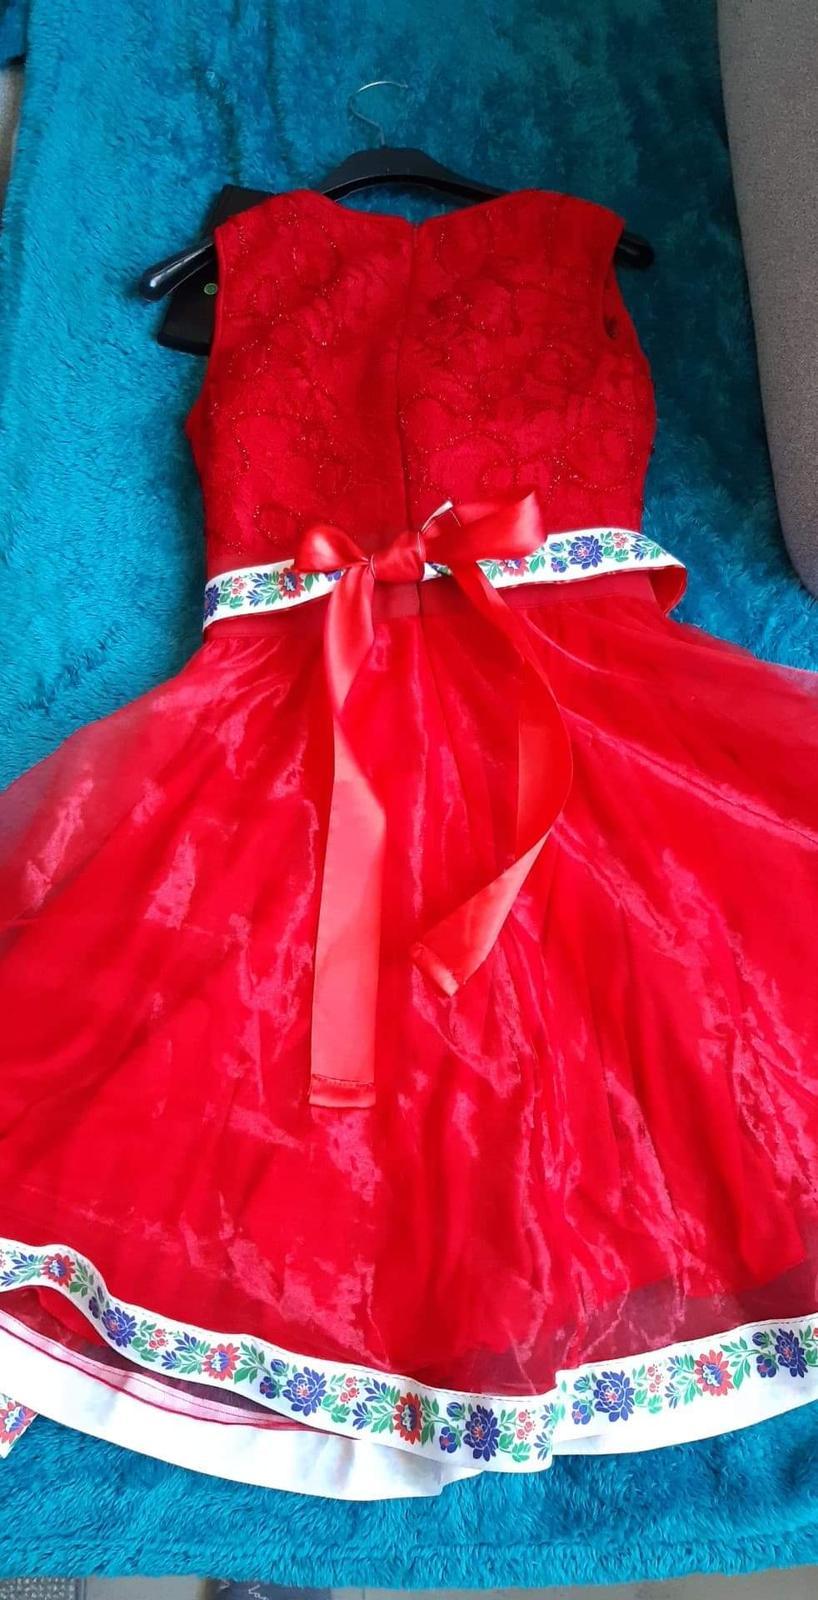 šaty na redovy/popolnocne saty - Obrázok č. 2